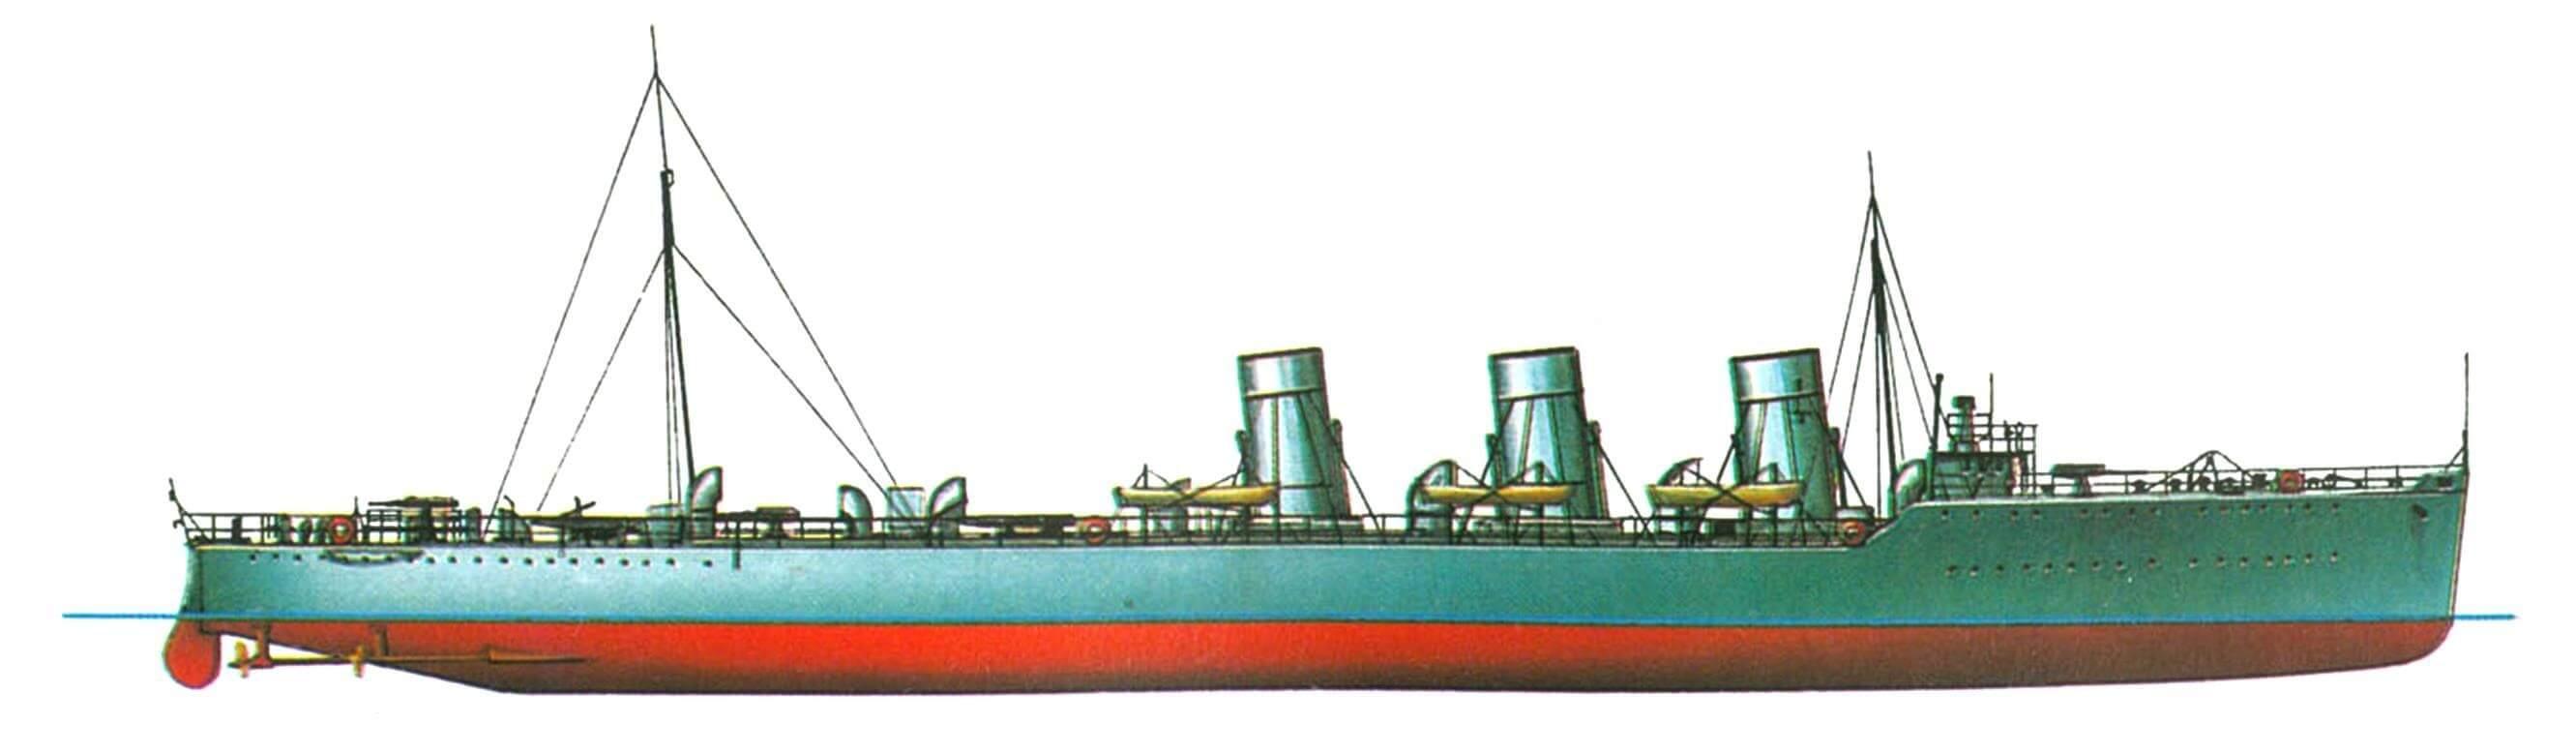 152. Лидер эскадренных миноносцев «Свифт», Англия, 1909 г.